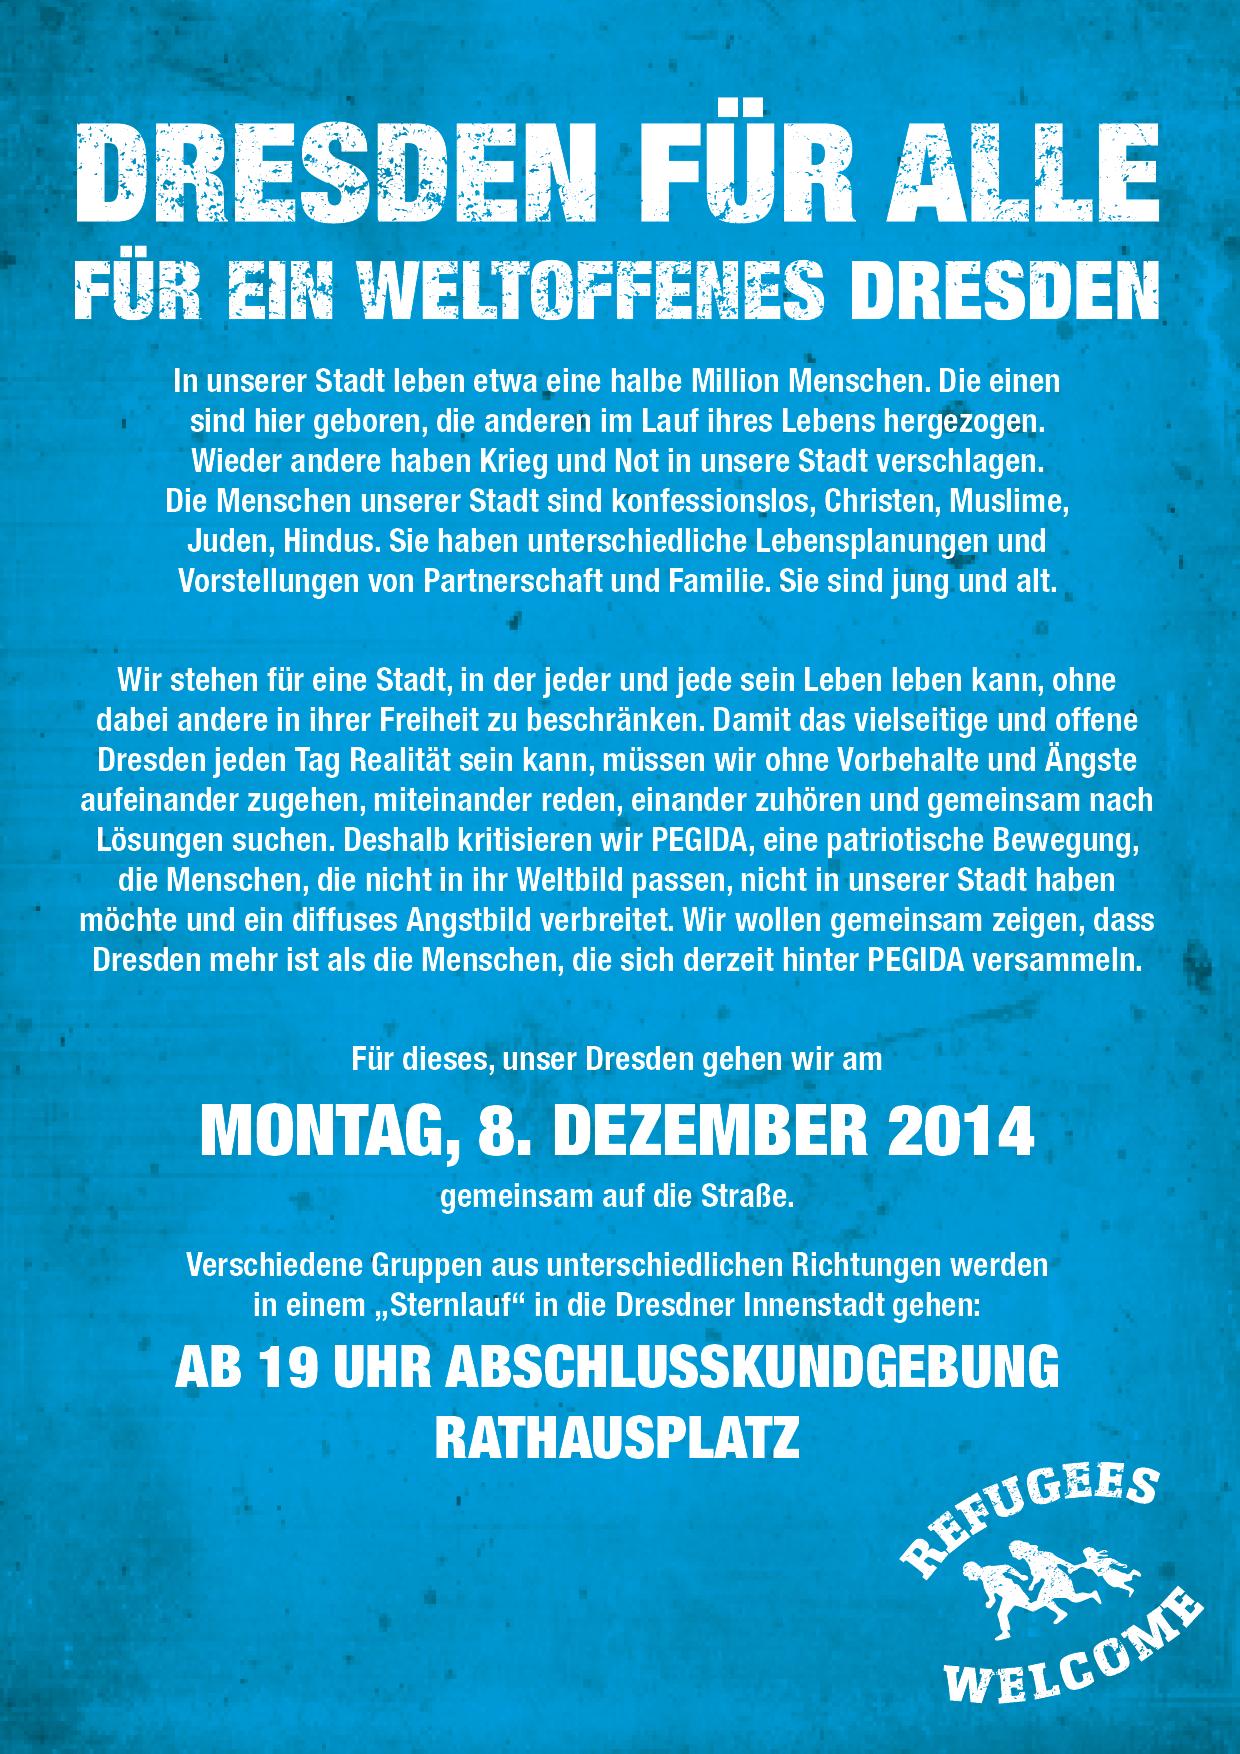 SPD-Fraktion unterstützt Dresdner Sternlauf – Angebot zum Dialog bekräftigt